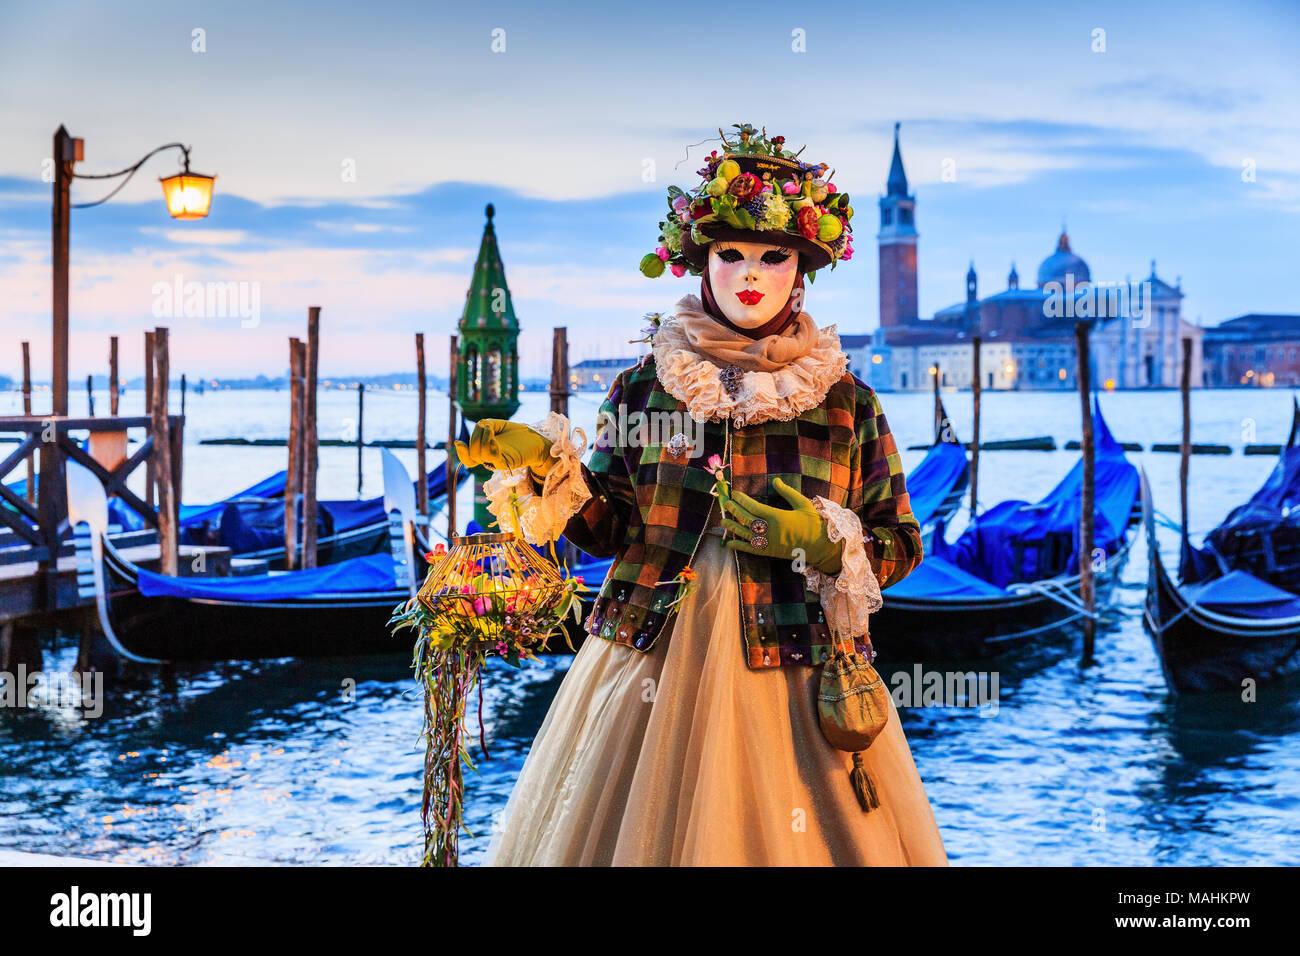 Venezia, Italia. Il carnevale di Venezia, bella maschera in Piazza San Marco. Foto Stock